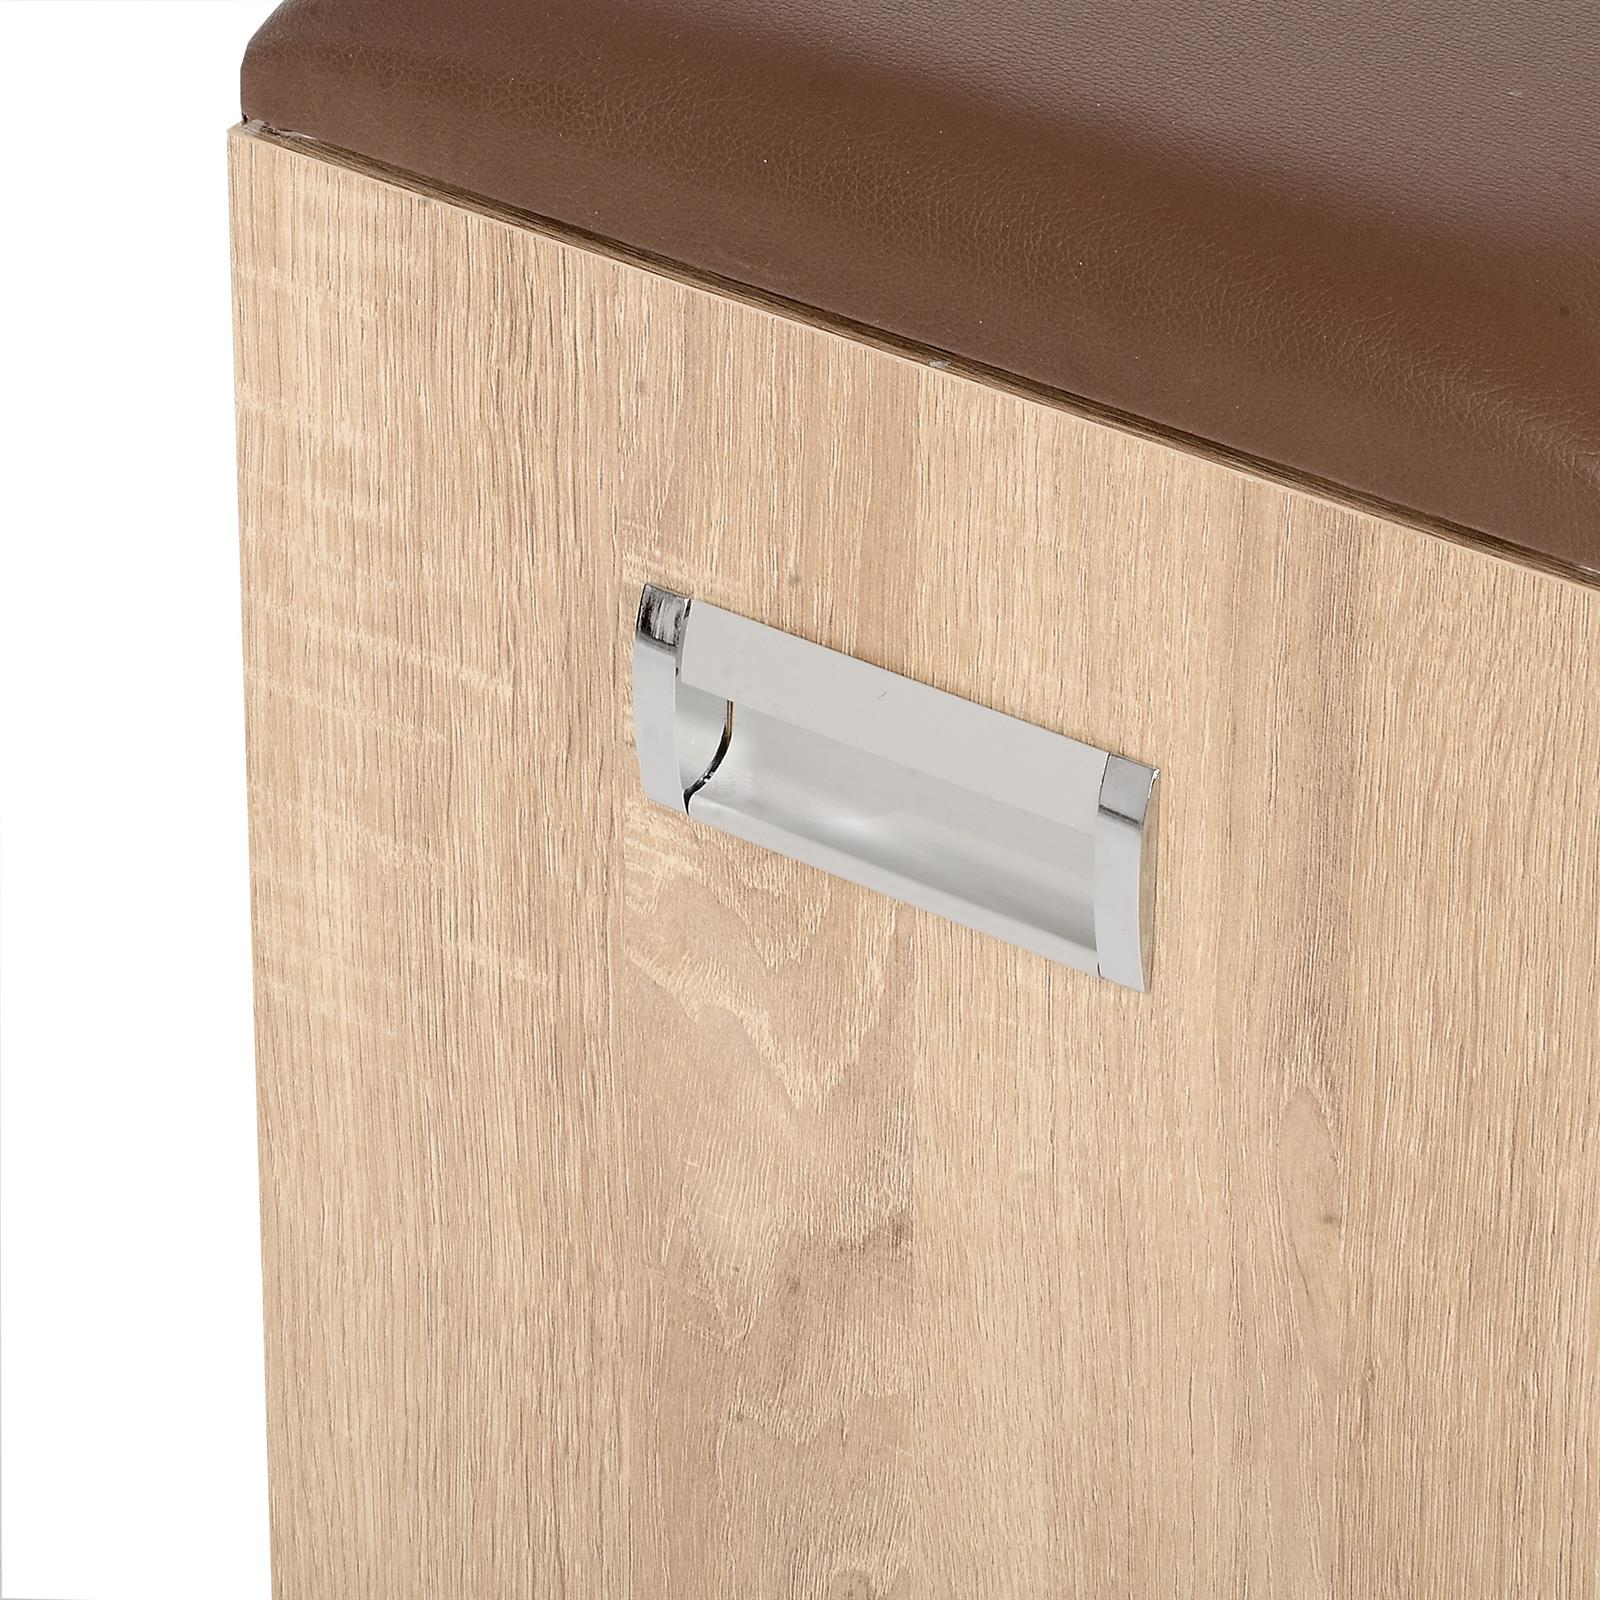 schuhbank zapato in sonoma eiche 60 cm breit mit kissen caro m bel. Black Bedroom Furniture Sets. Home Design Ideas